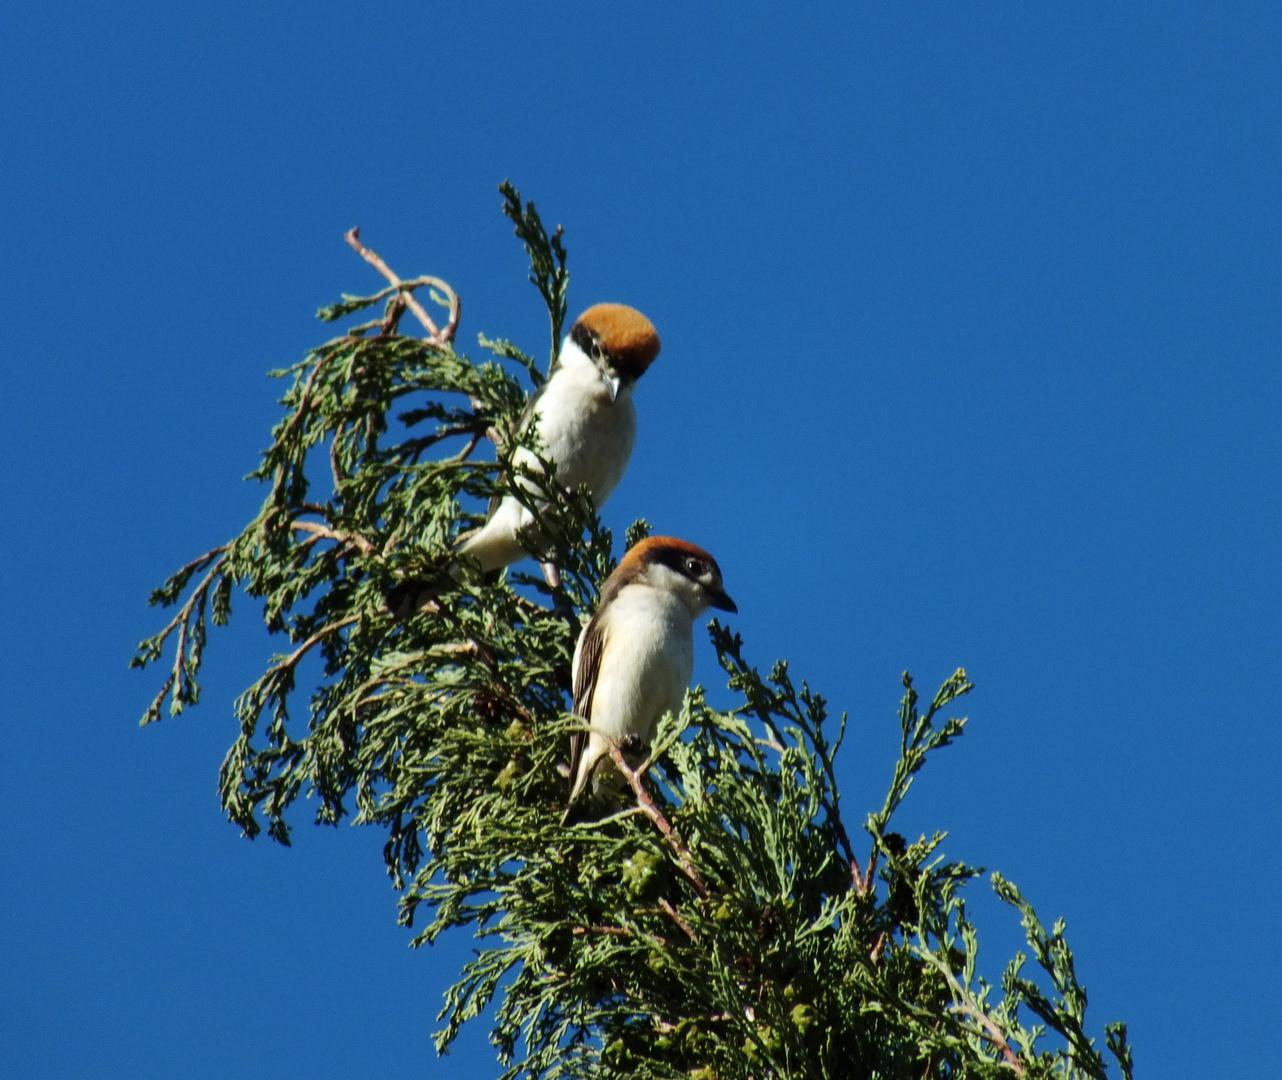 Ornithologen zur Bestimmung gebeten